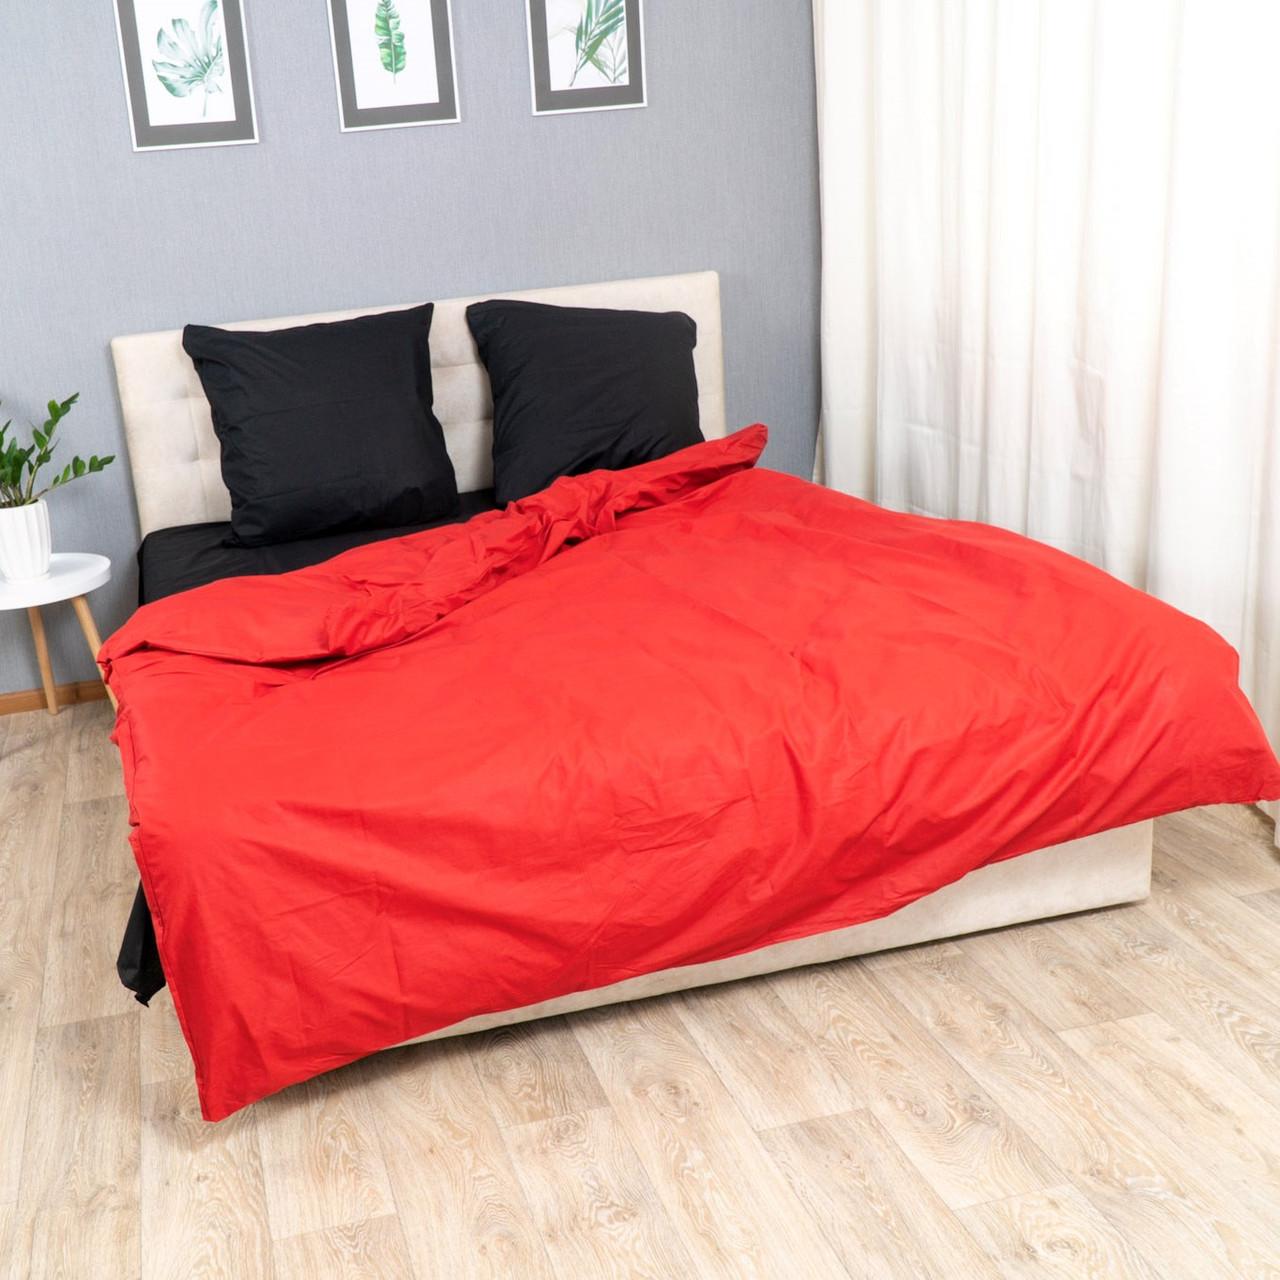 Комплект постельного белья Le Confort «Красно-чёрный»180x220 Бязь